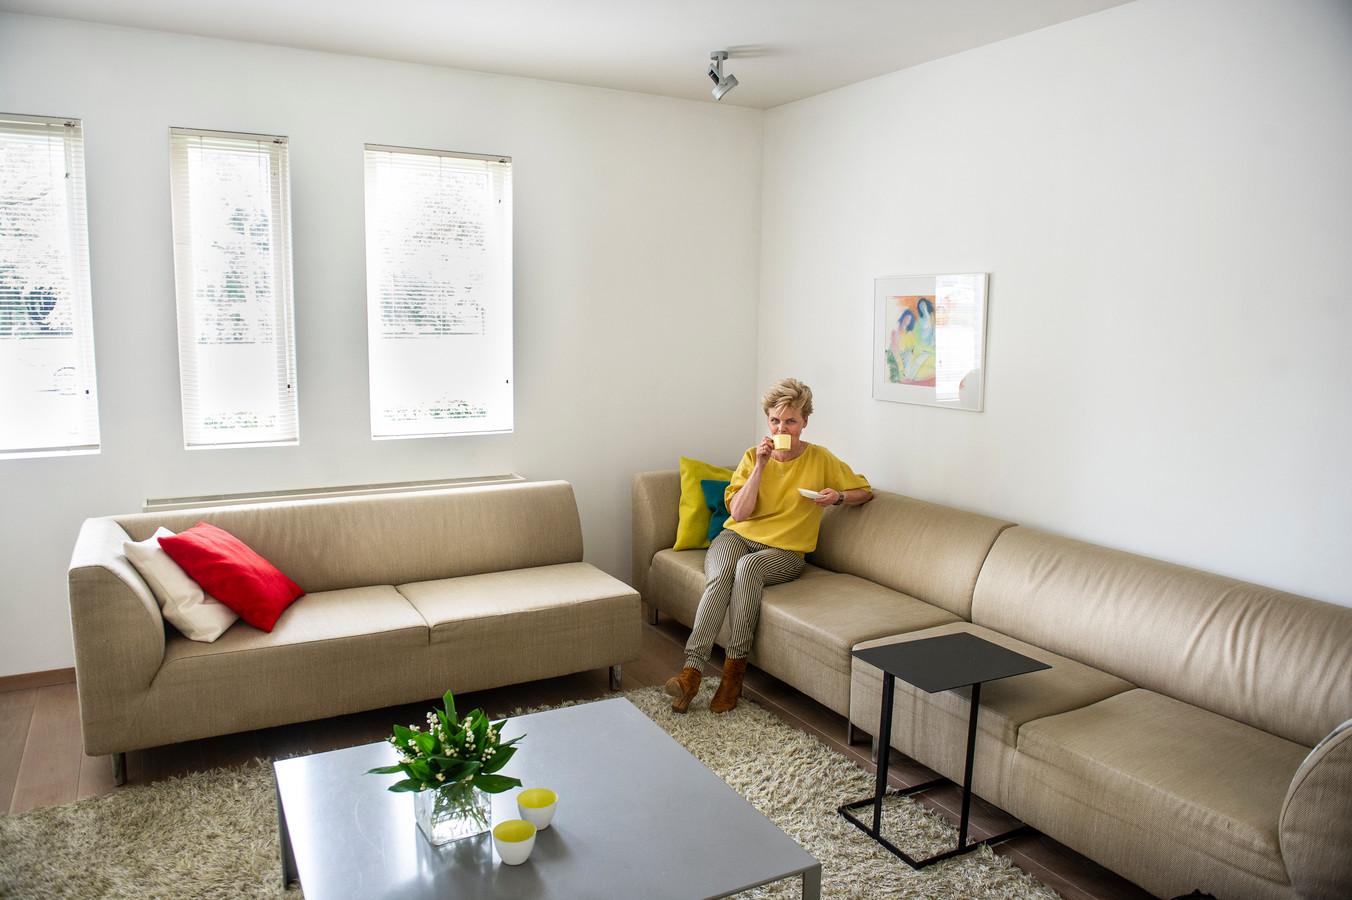 Zorg dat je niet teveel zitplaatsen hebt in een woonkamer.